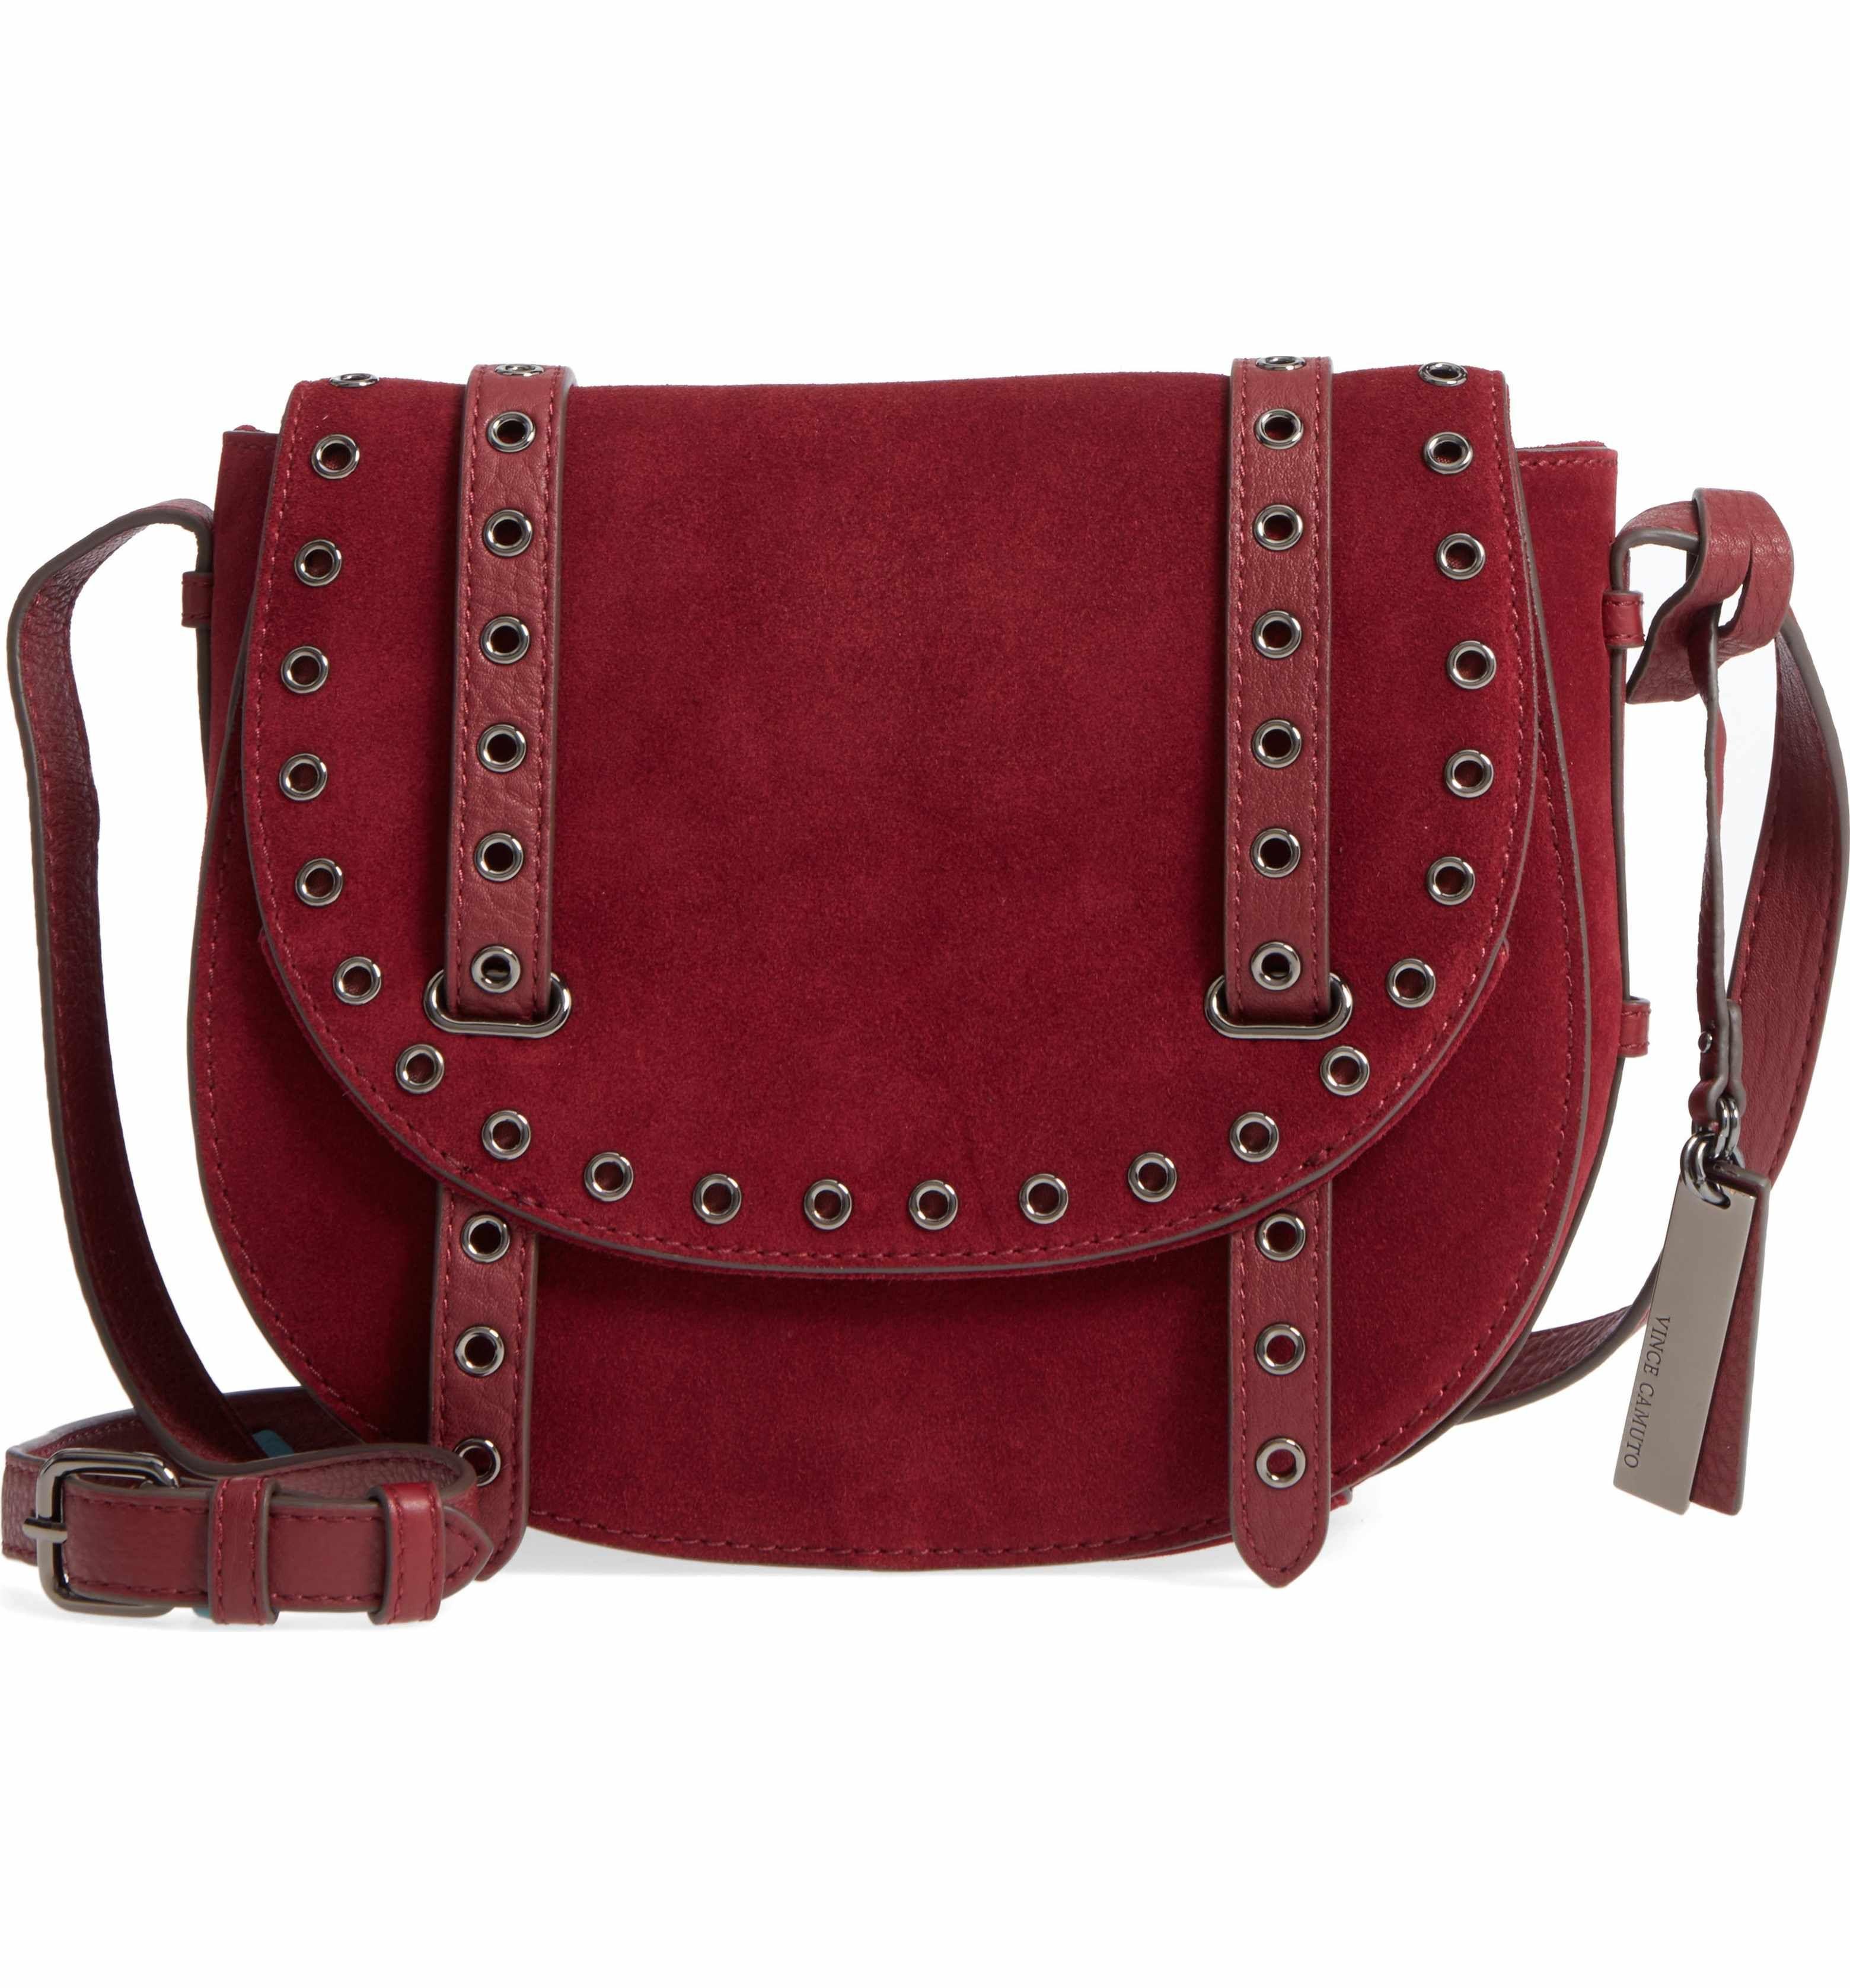 2547da126e7f Main Image - Vince Camuto Areli Suede   Leather Crossbody Saddle Bag ...